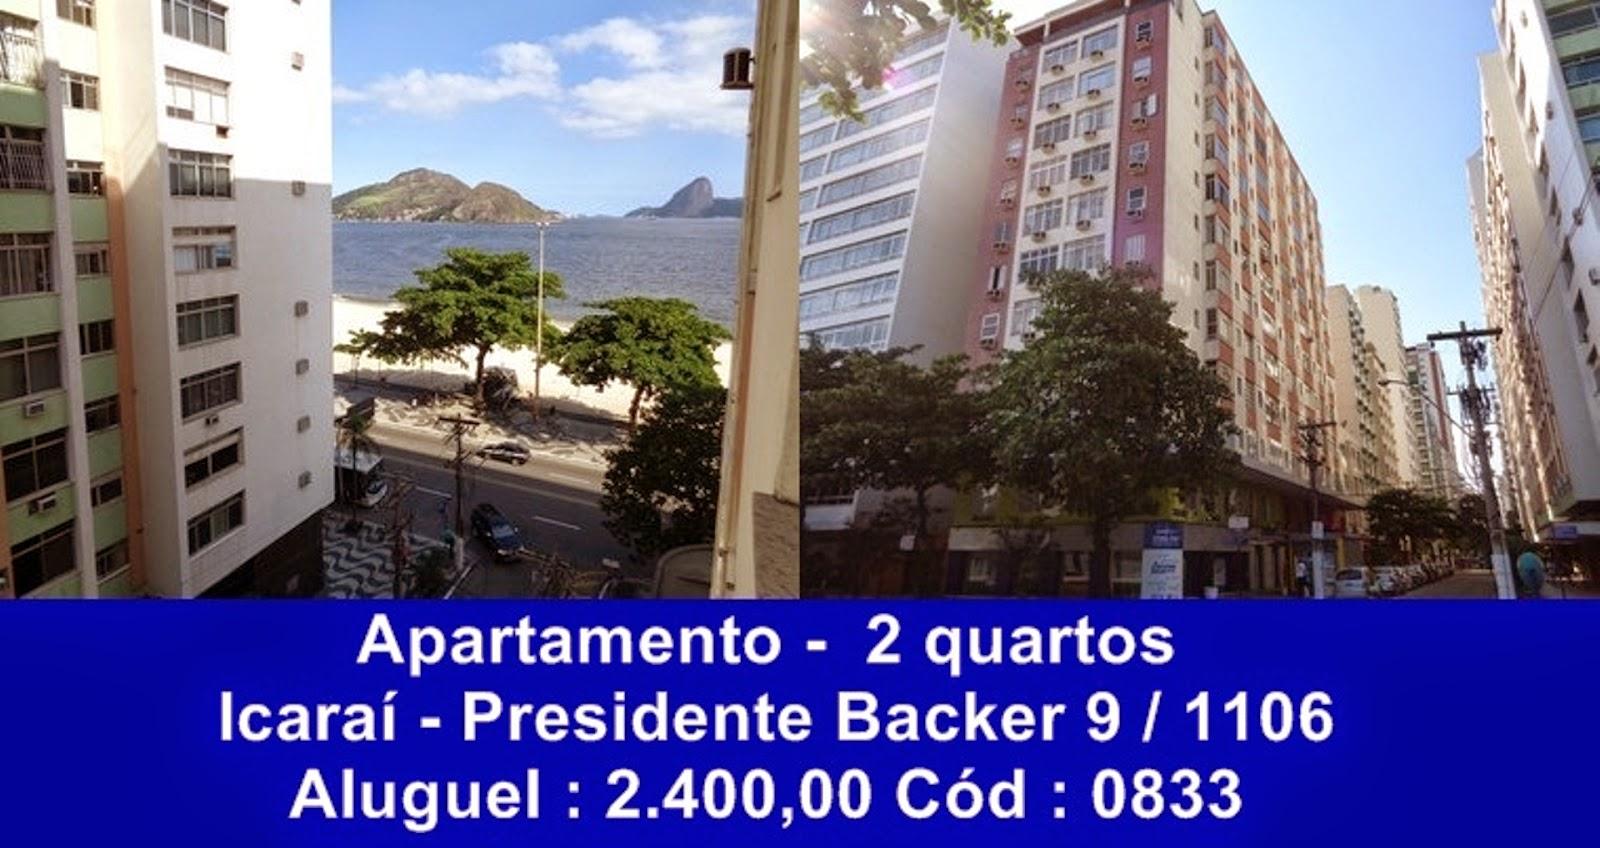 Aluguel Quarto E Sala Icarai Niteroi ~ Apartamentos, casas e coberturas de 2 quartos, para alugar, em